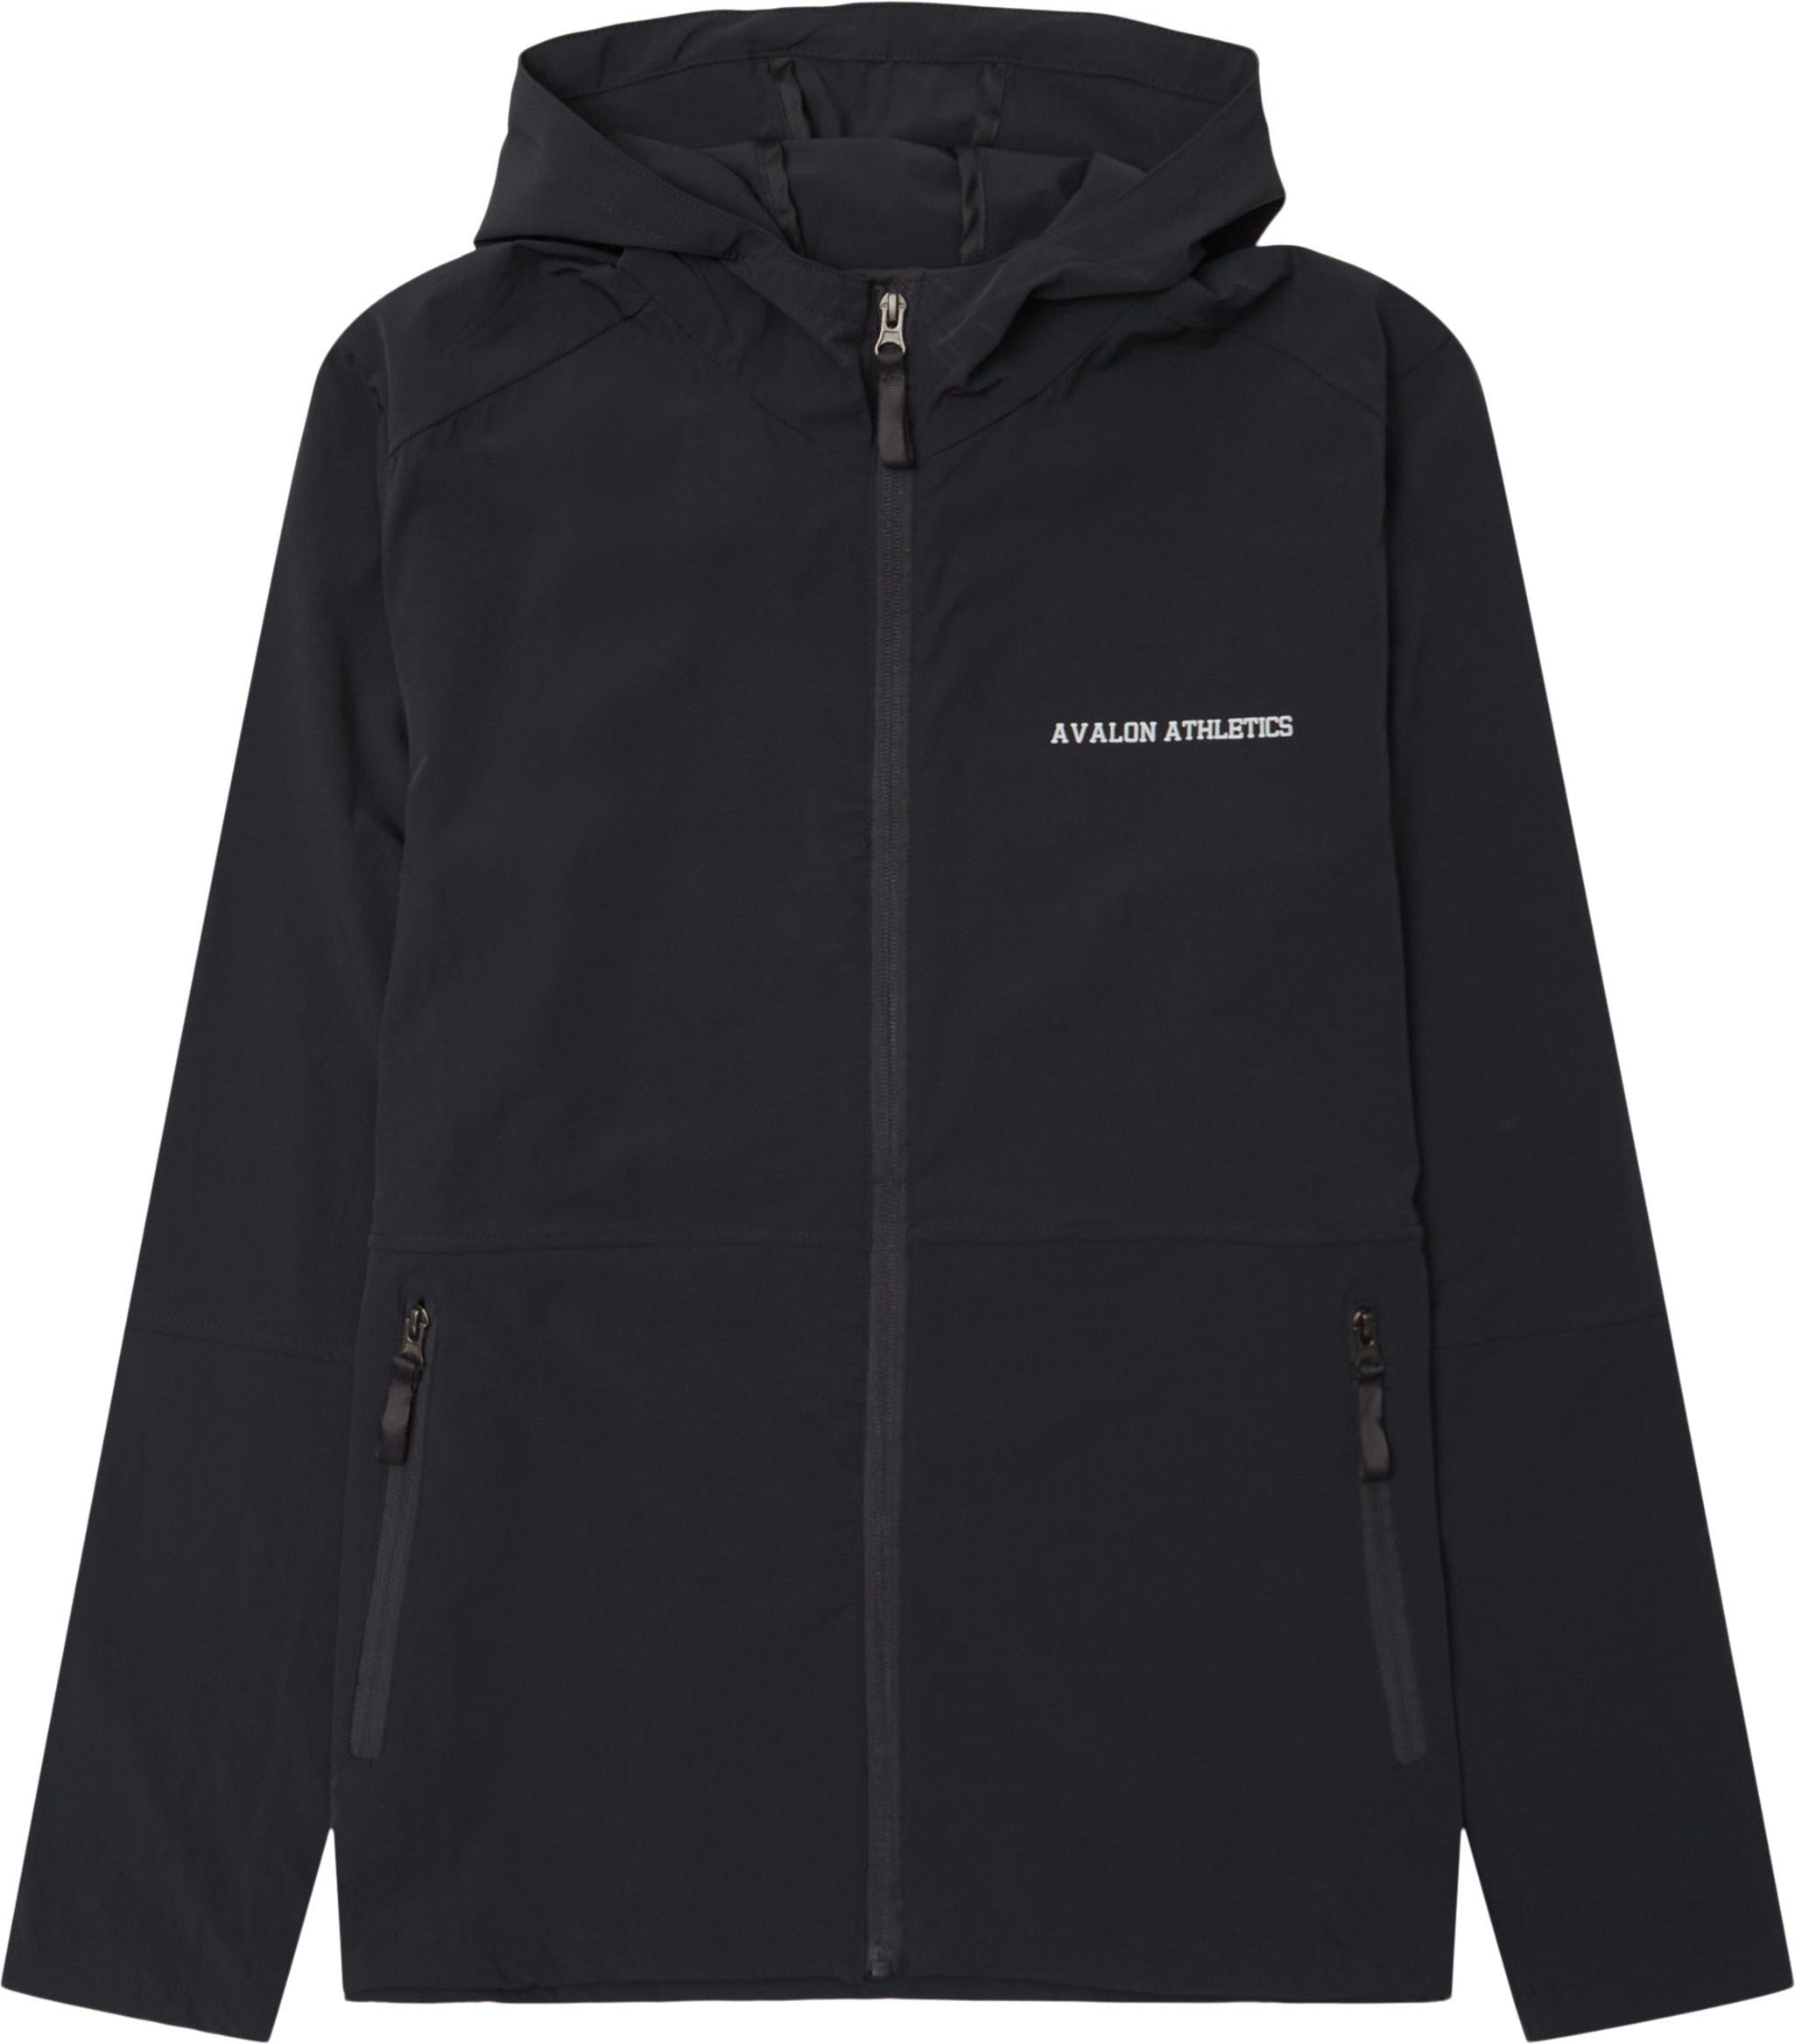 Bayside Jacket - Overgangsjakker - Regular fit - Sort